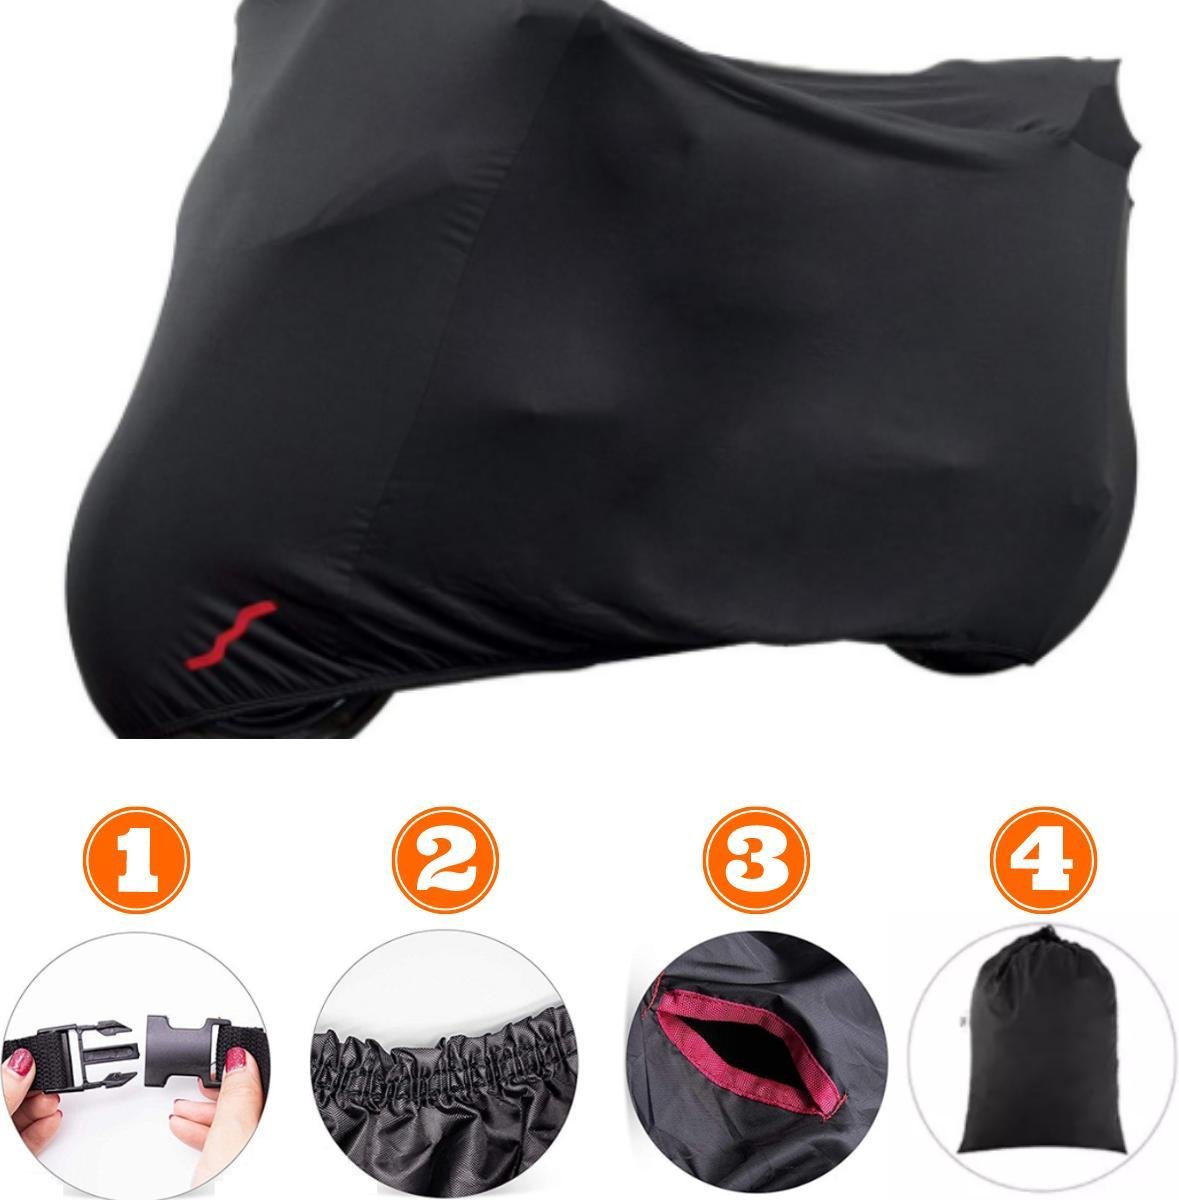 Easavida® Scooterhoes XL inclusief draagtas – Motorhoes buiten – Fietshoes voor 2 fietsen – 245 x 10